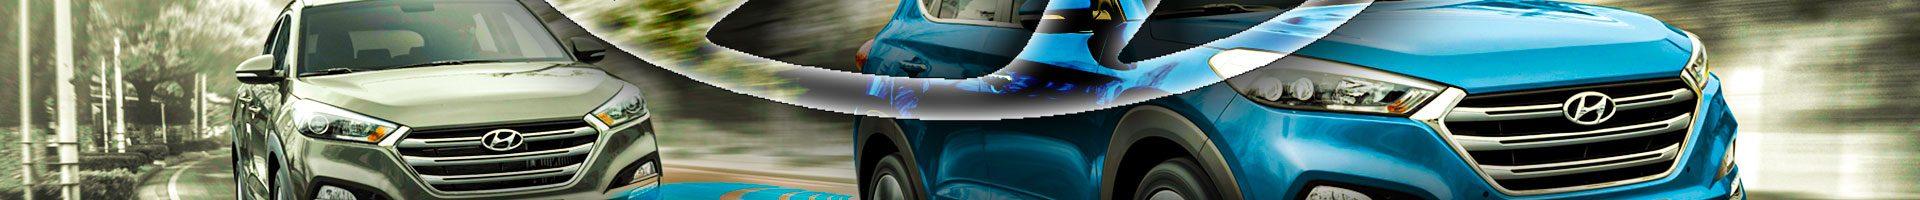 Auto Azerbaijan Başarıdan Başarıya Koşuyor